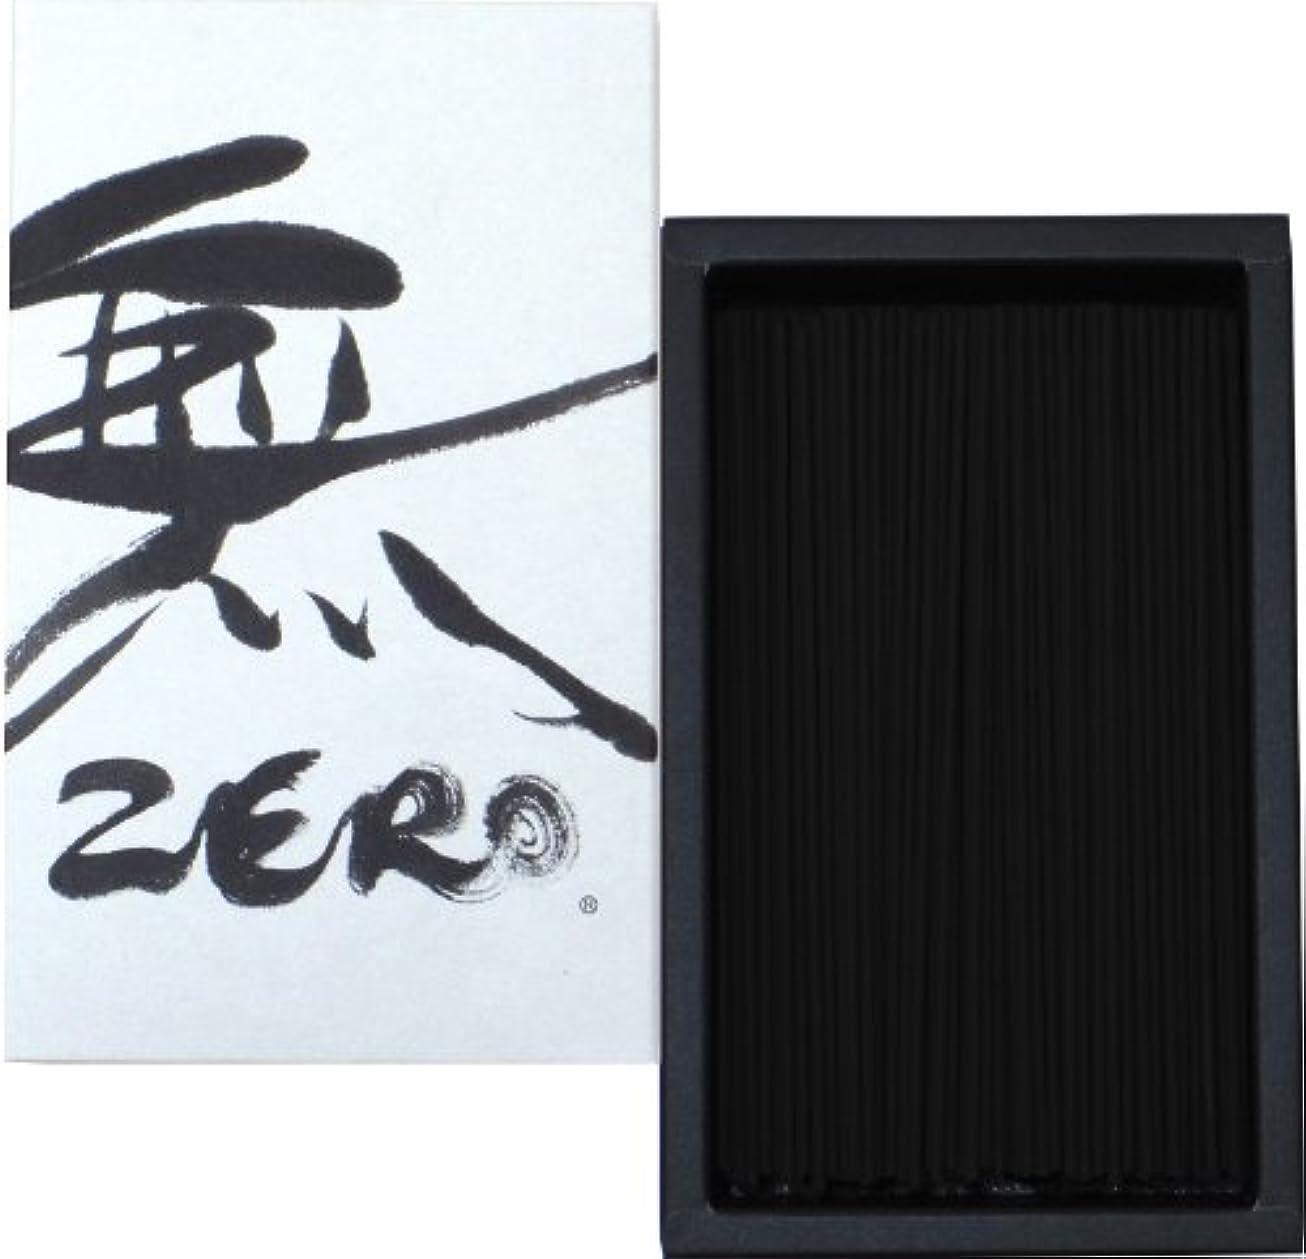 海岸ヒット文句を言う丸叶むらたのお線香 無 ZERO(ゼロ)大バラ 約160g #ZR-01